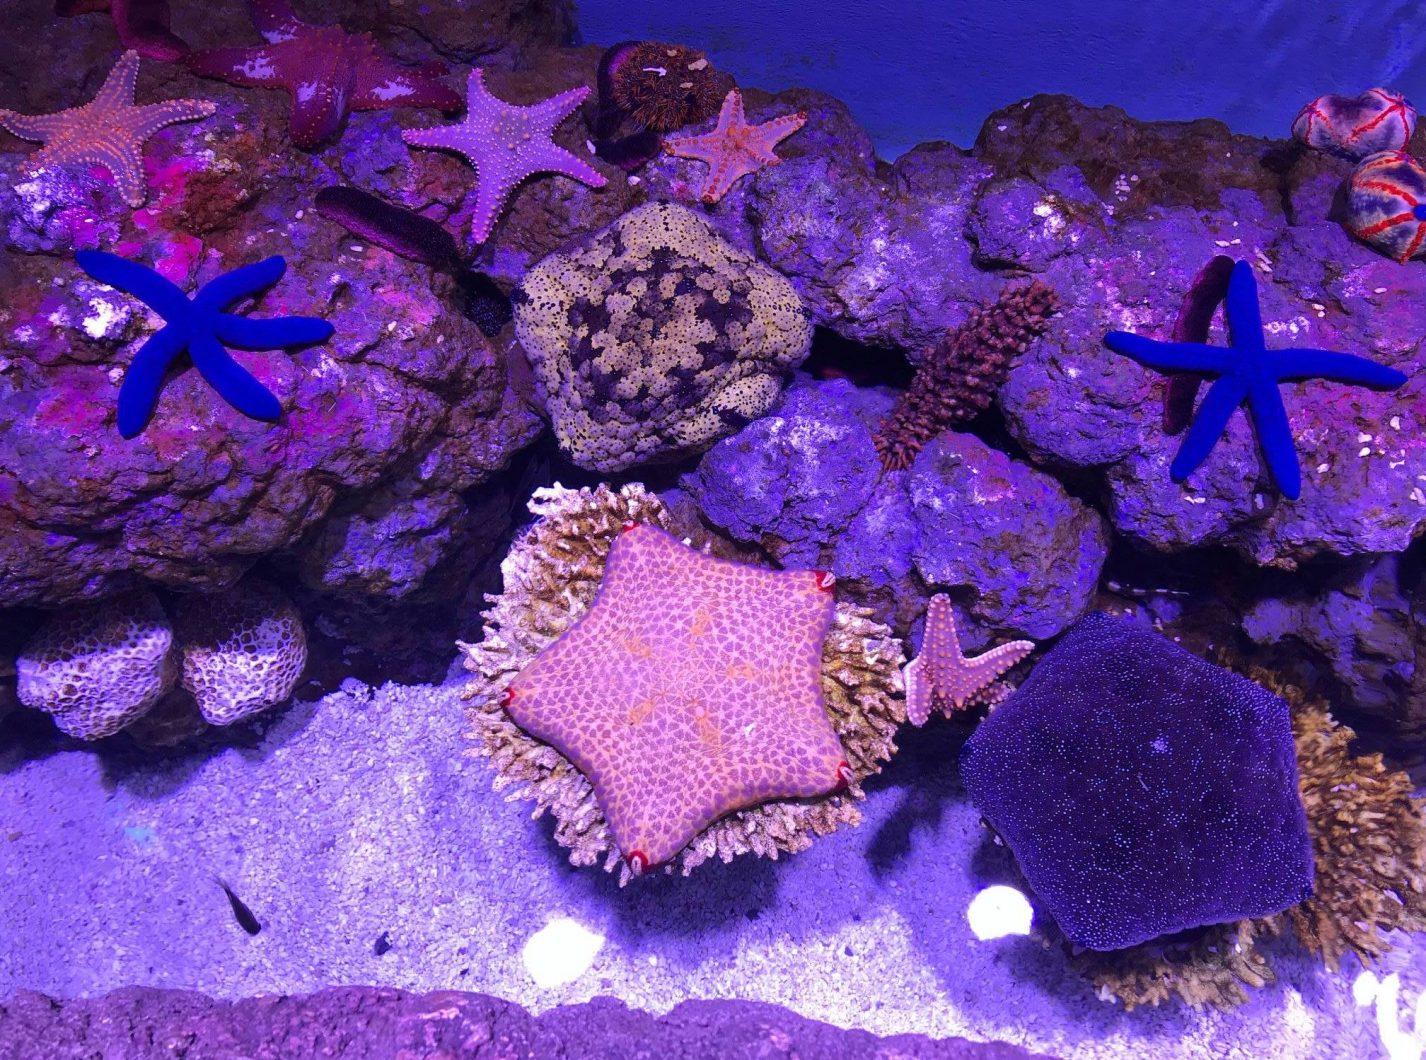 καλύτερος φωτισμός LED για πολύχρωμα κοράλλια